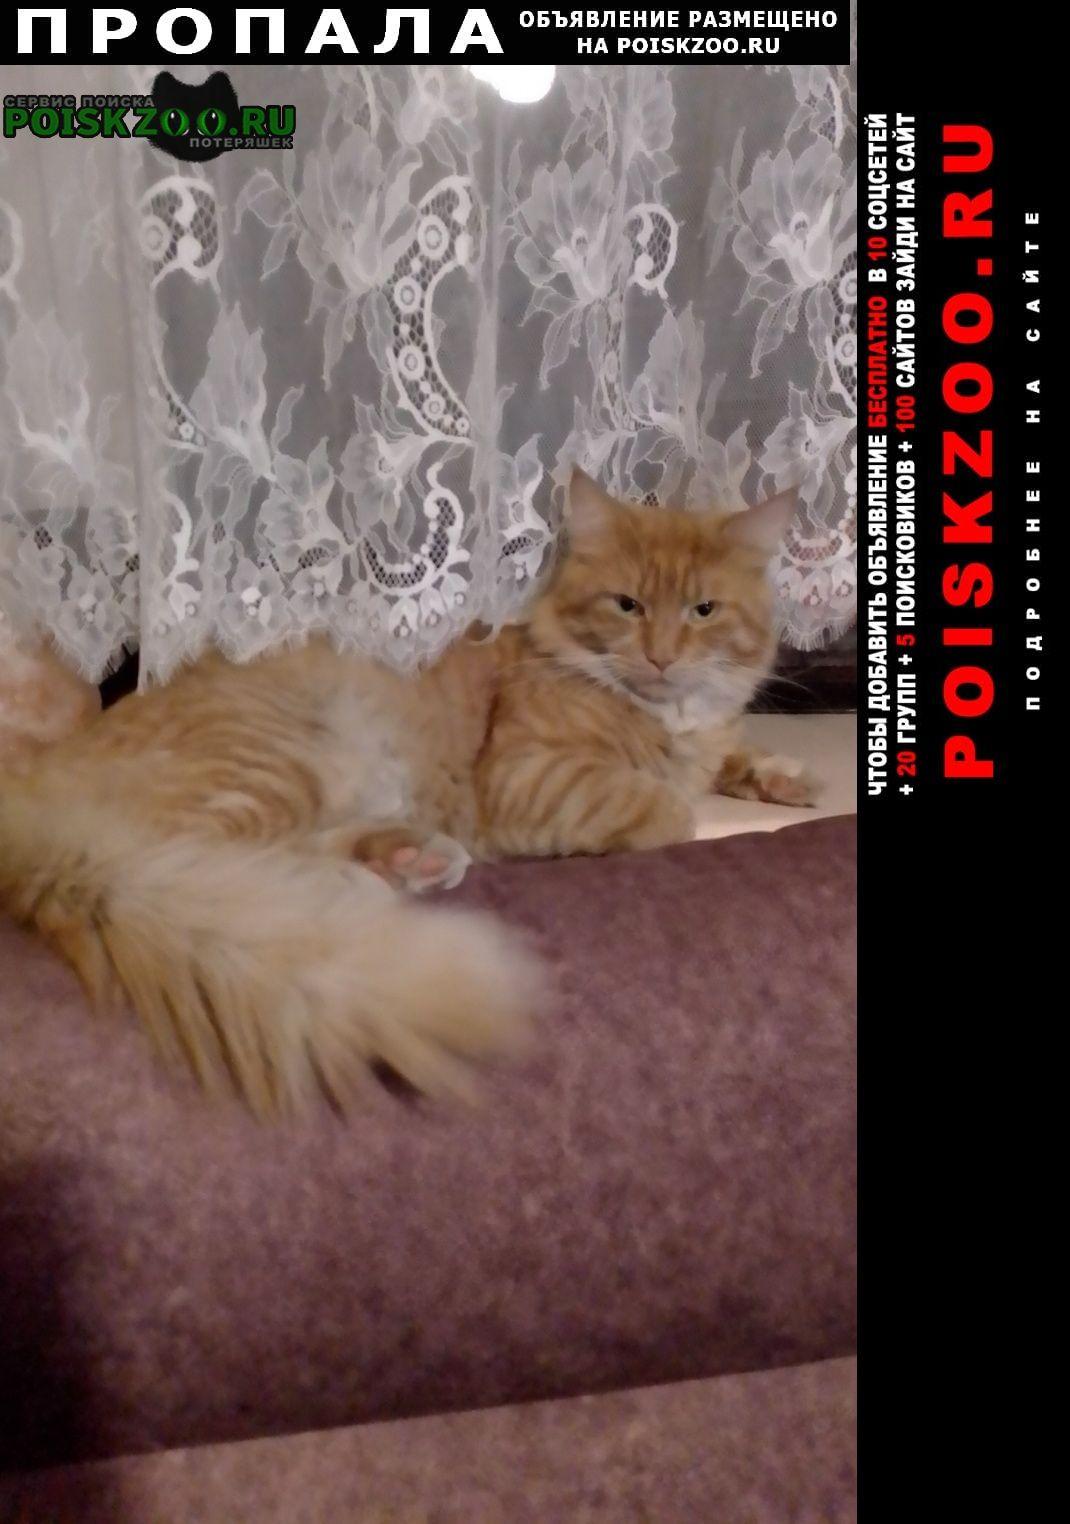 Пропала кошка кот Королев